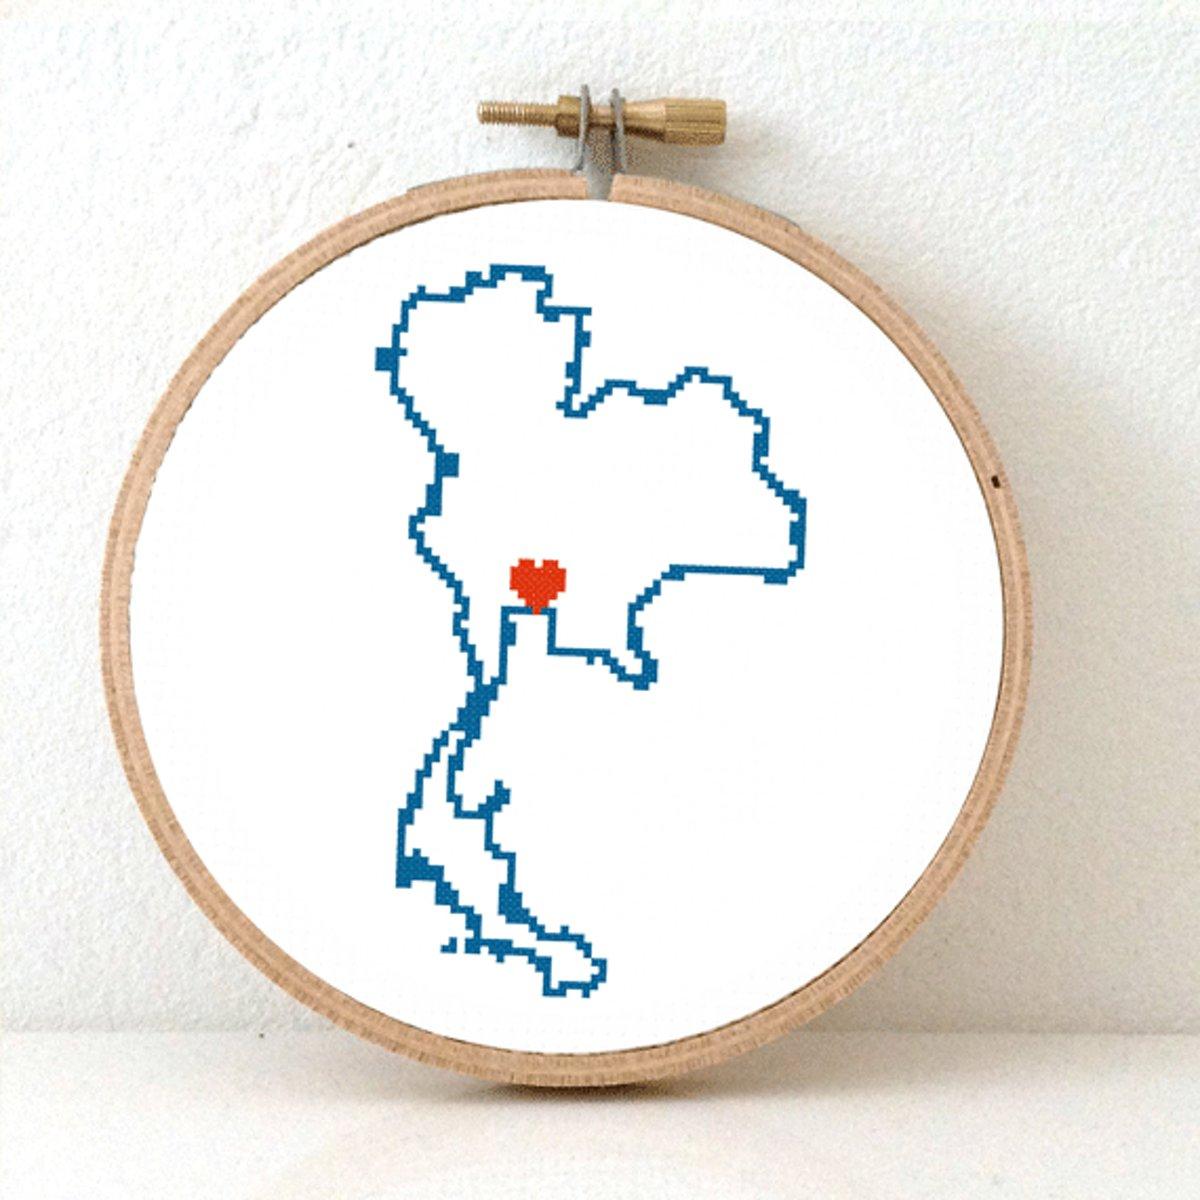 Thailand borduurpatroon - geprint telpatroon om een kaart van Thailand te borduren met een hart voor Bangkok  - geschikt voor een beginner kopen